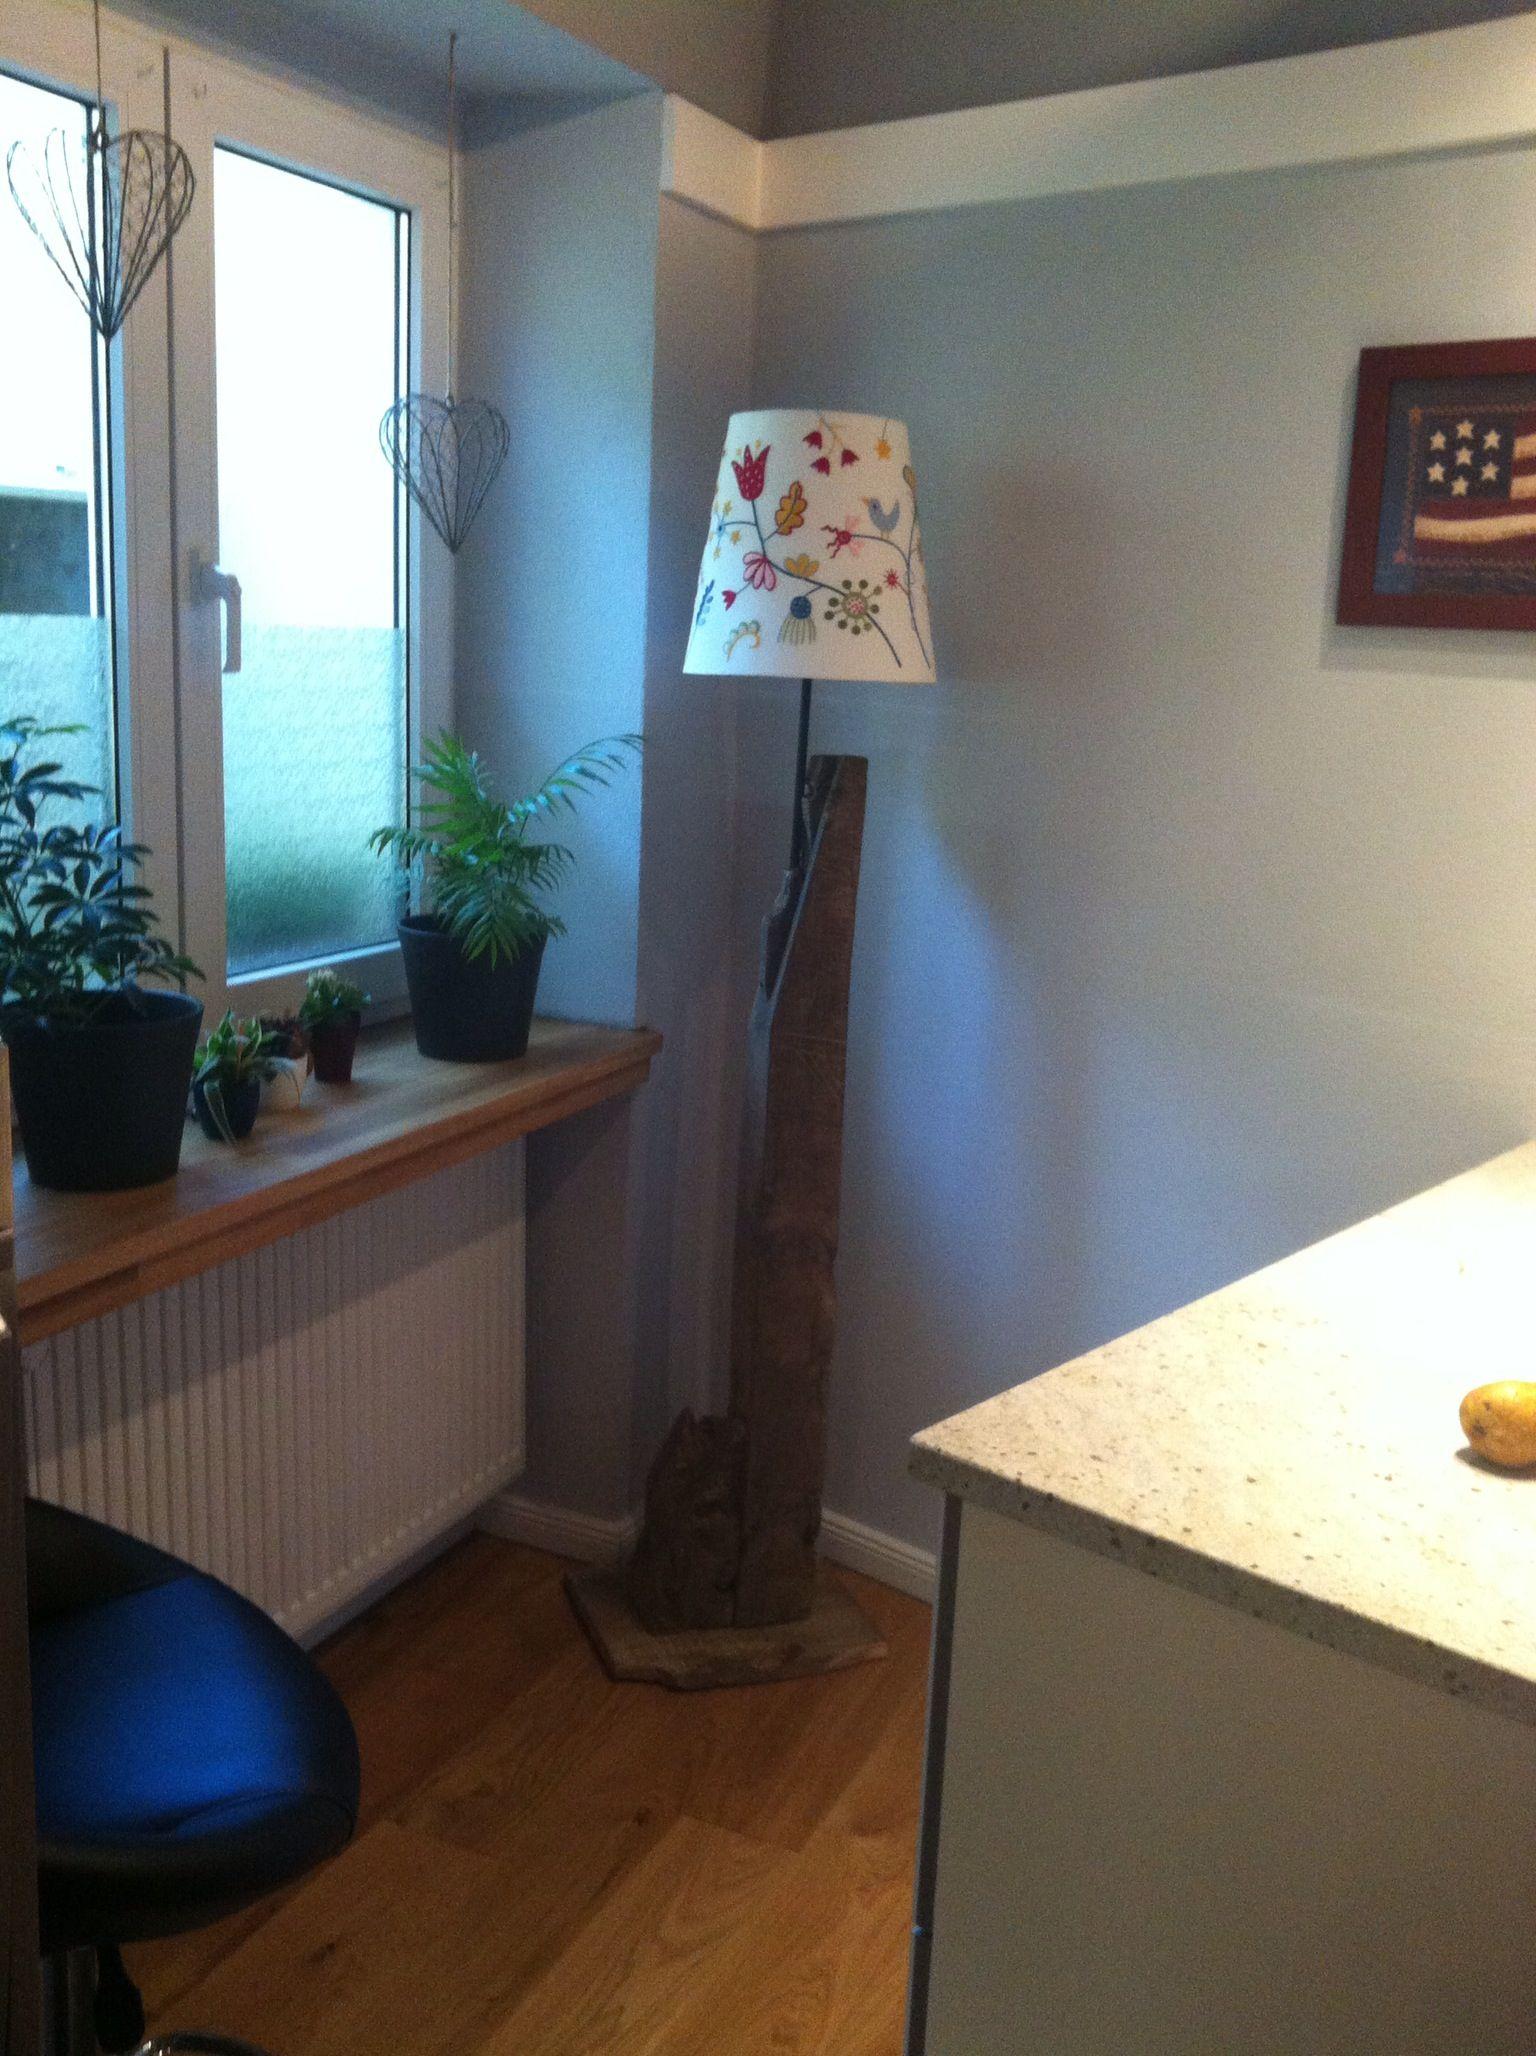 lampe aus alten eiche balken aus fachwerk haus deko pinterest haus eiche und holz. Black Bedroom Furniture Sets. Home Design Ideas